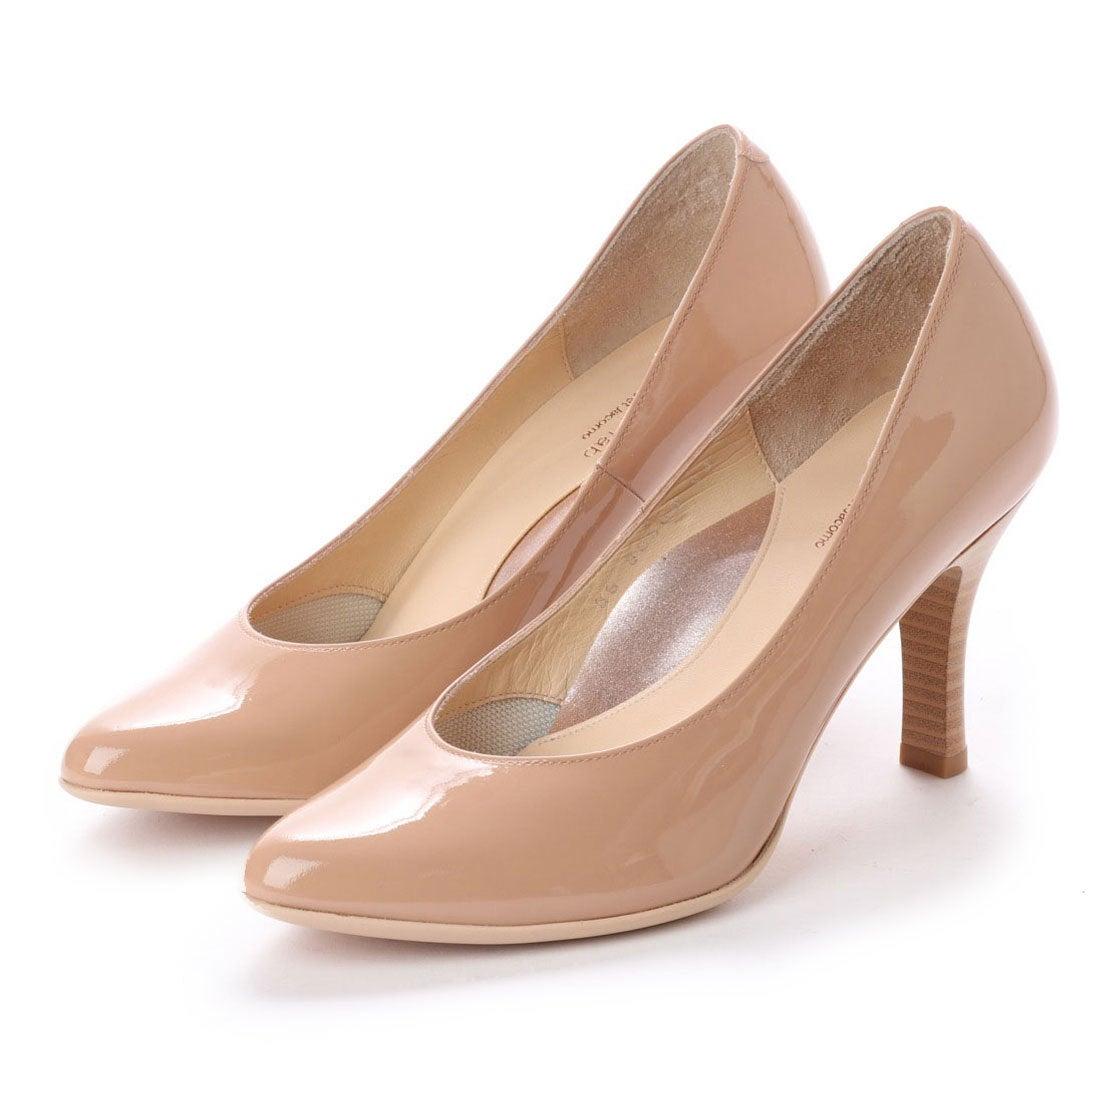 ロコンド 靴とファッションの通販サイトスタイルラボ STYLE lab 【高機能】ポインテッドトゥプレーンパンプス (ベージュエナメル)